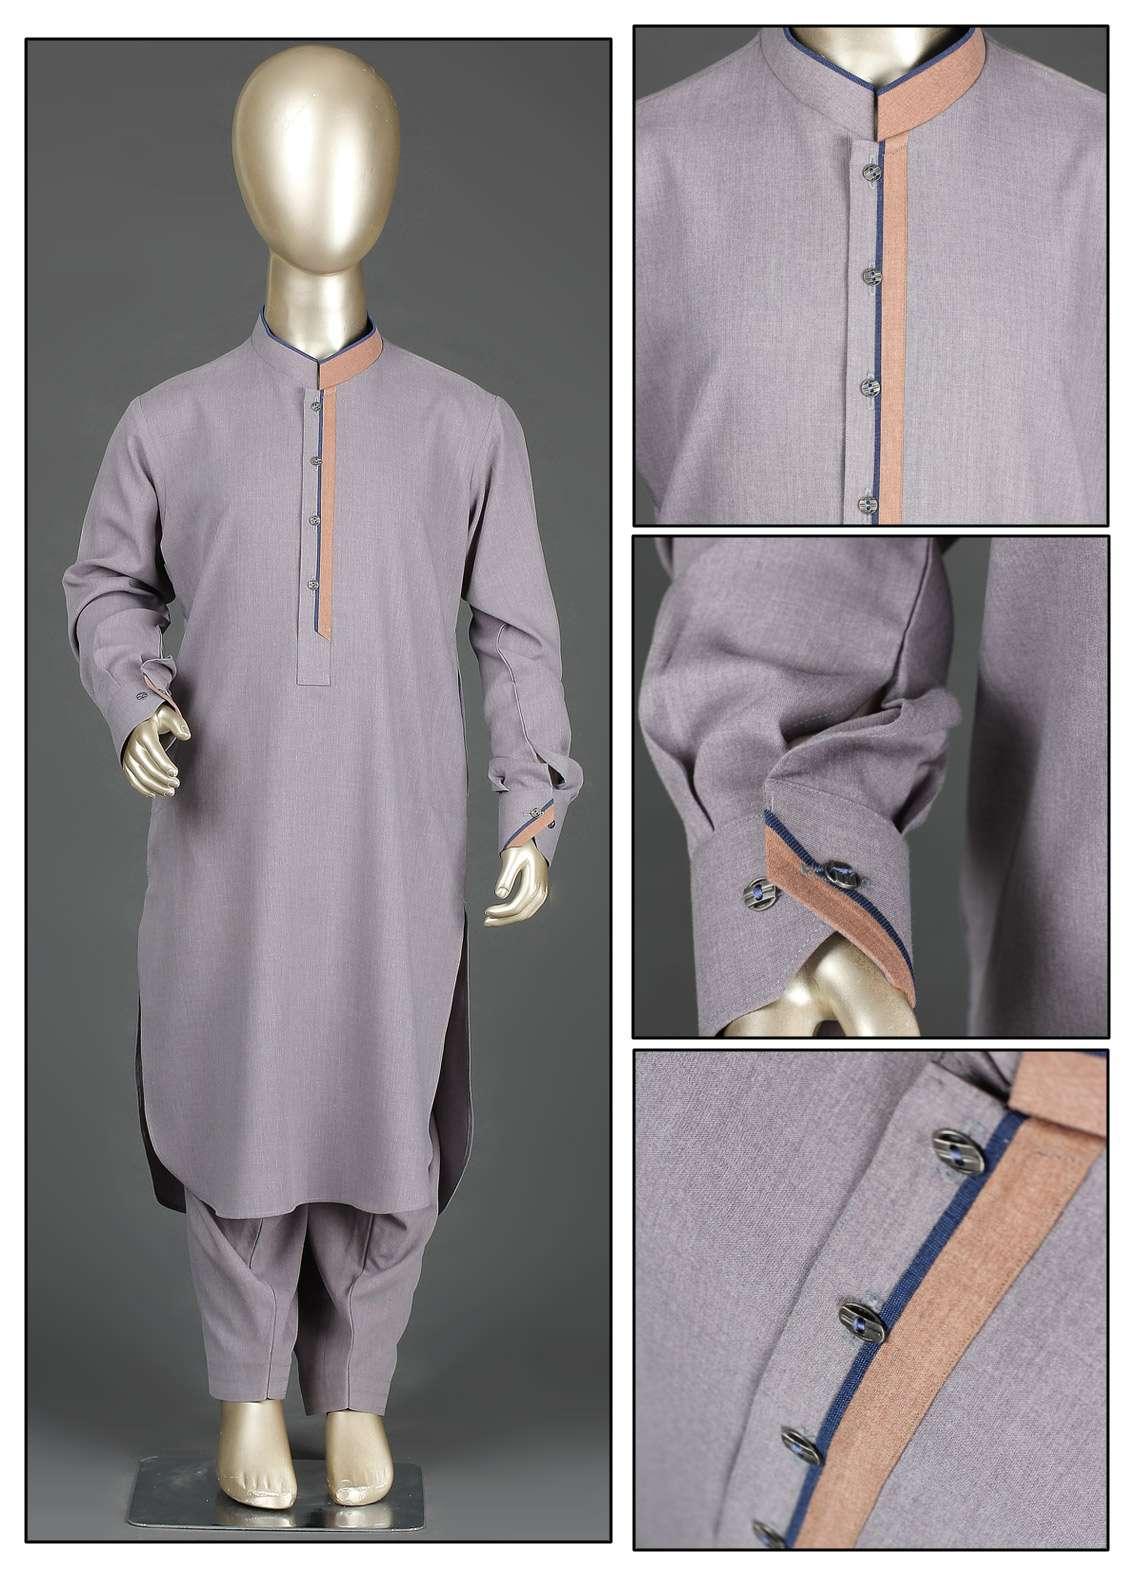 Aizaz Zafar Wash N Wear Formal Boys Kameez Shalwar - AZ19B 222 Move